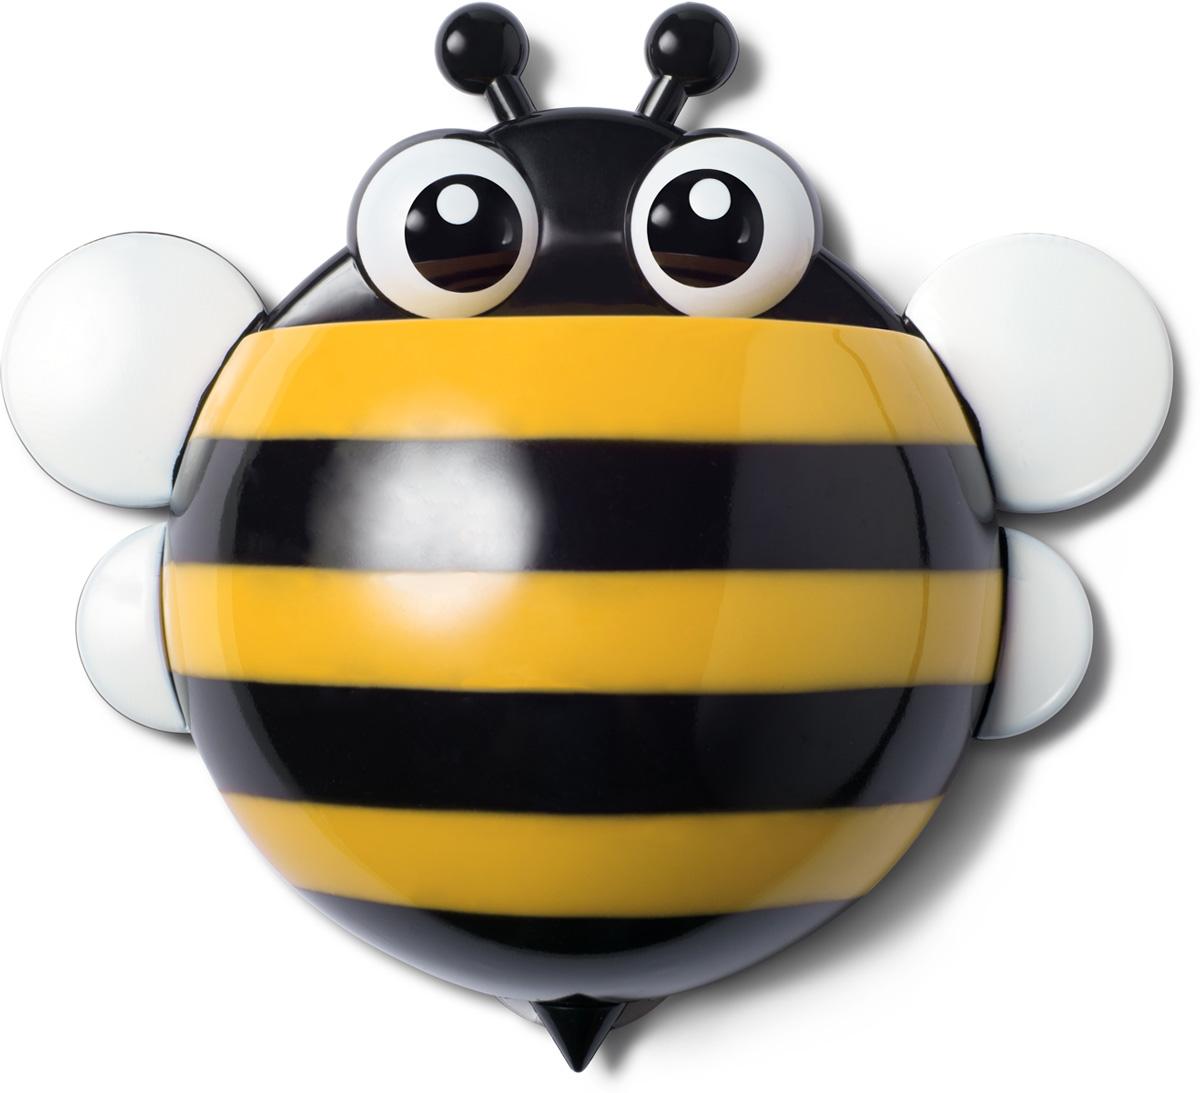 Держатель для зубных щеток Ruges Пчелка, цвет: желтыйV-17Держатель для зубных щеток Ruges Пчелка на стену или мебель на присосках – проще простого. Надоест – сняли безо всяко ущерба. А пока не надоел - очень славная дружественная мелочь, которая поживет у вас в ванной. Можно дать Пчелка имя. Дети будут в восторге, тем более что Держатель Пчелка легко прикрепить удобно для роста ребенка – сам будет брать свои щетку и пасту. И не только дети обрадуются. Взрослый, у которого очень стильная ванная, но ему скучно по утрам чистить зубы в одиночестве, тоже будет рад. Не признается, но рад будет! Размеры: 17 х 15 х 5 см; Вес: 50 г; Материал: пластик, ПВХ, силикон. Комплектация: держатель 1 шт, присоски для крепления - 3 шт.